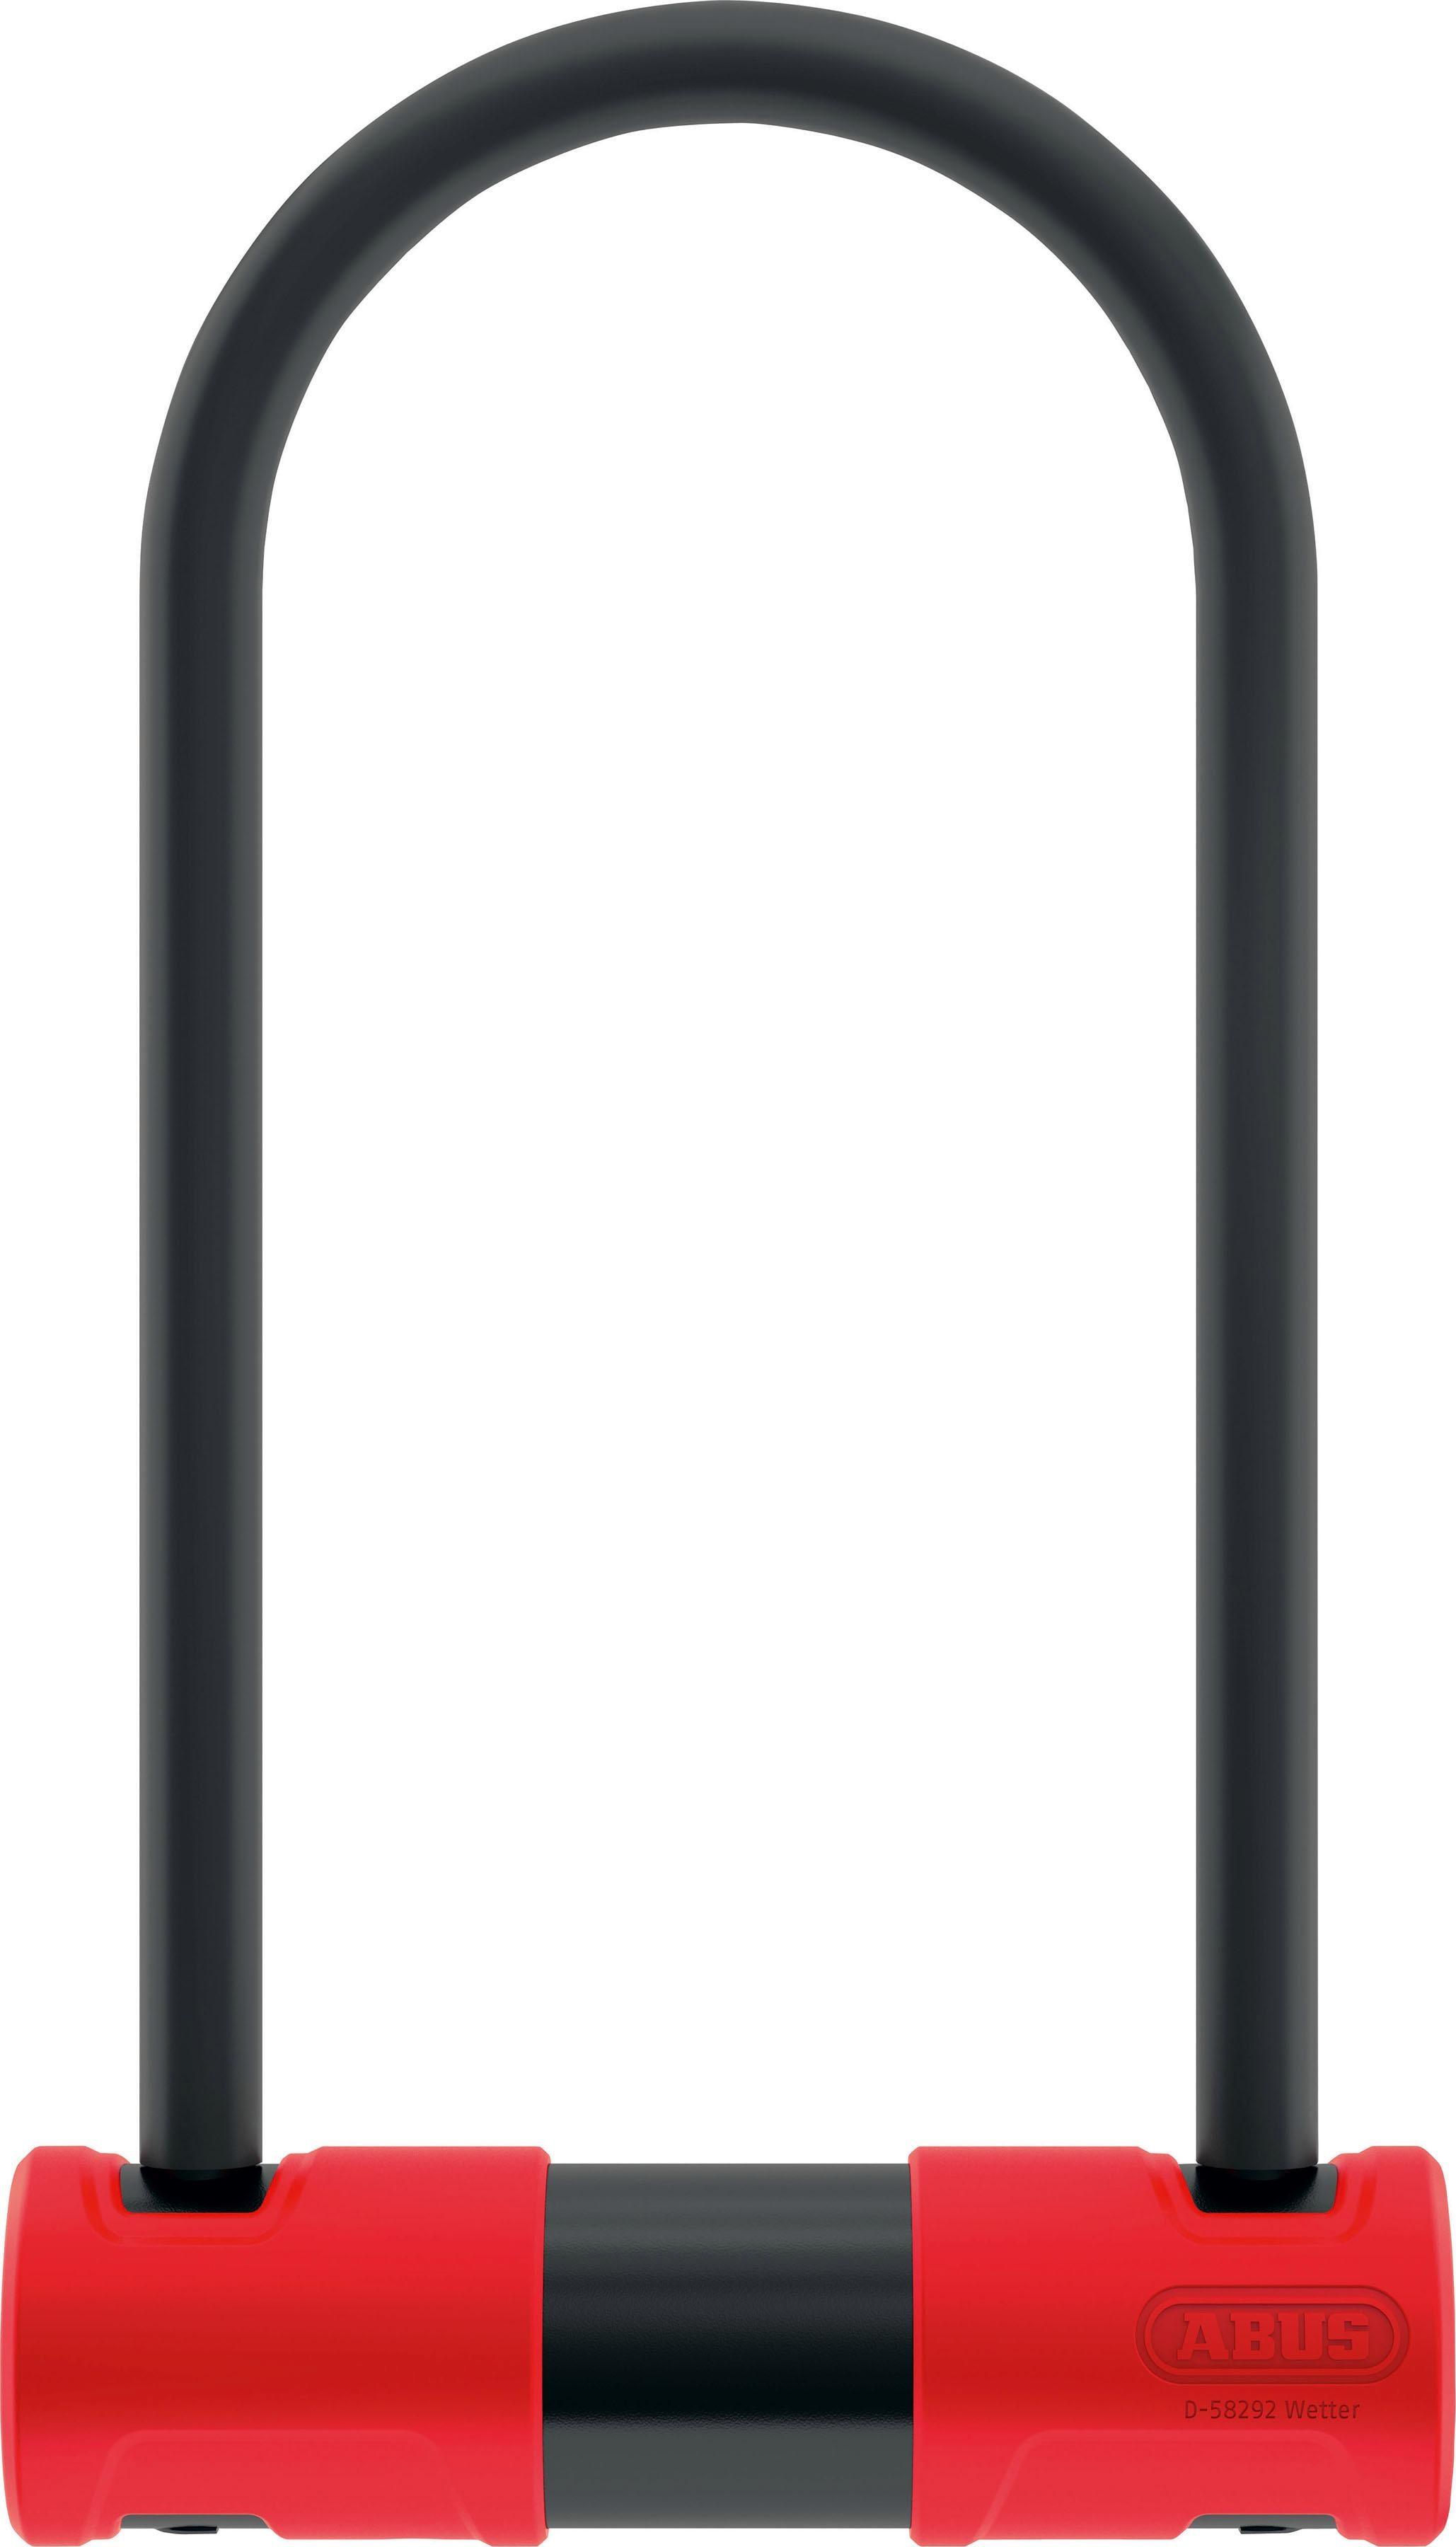 ABUS Bügelschloss 440A/150HB160 USH Alarm Technik & Freizeit/Sport & Freizeit/Fahrräder & Zubehör/Fahrradzubehör/Fahrradschlösser/Bügelschlösser